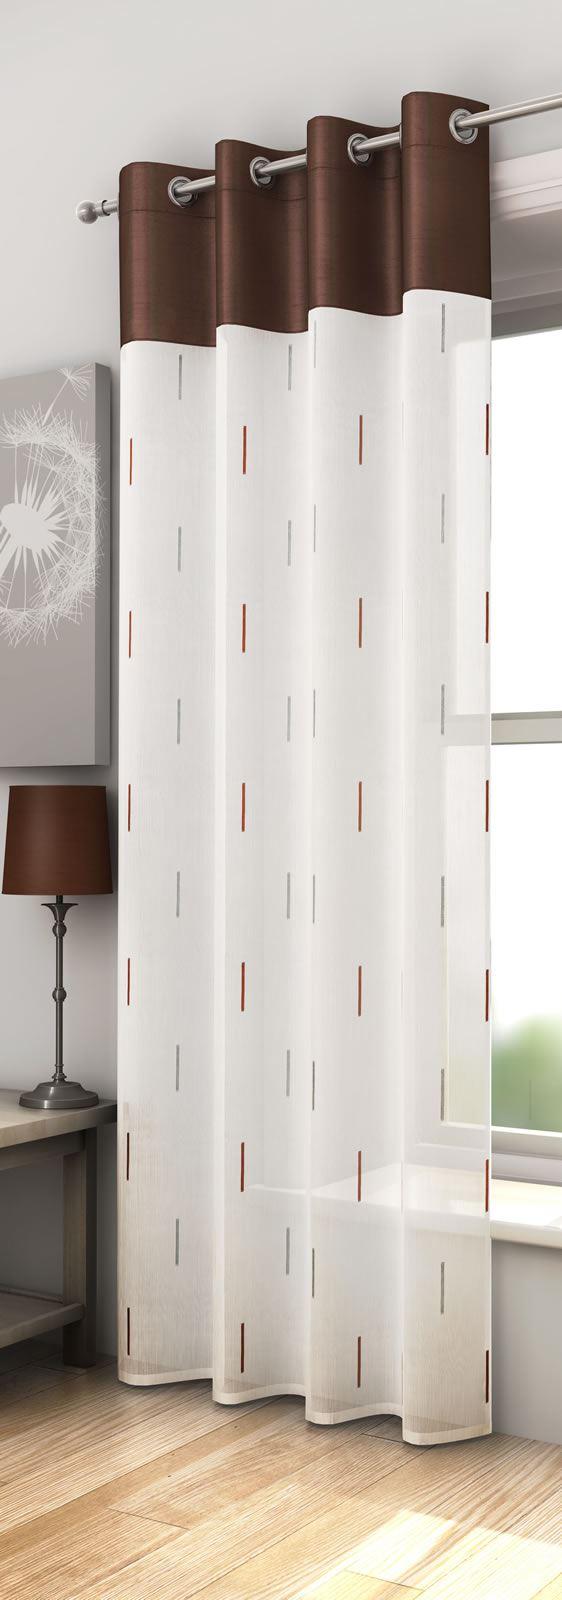 vorh nge kollektion erkunden bei ebay. Black Bedroom Furniture Sets. Home Design Ideas